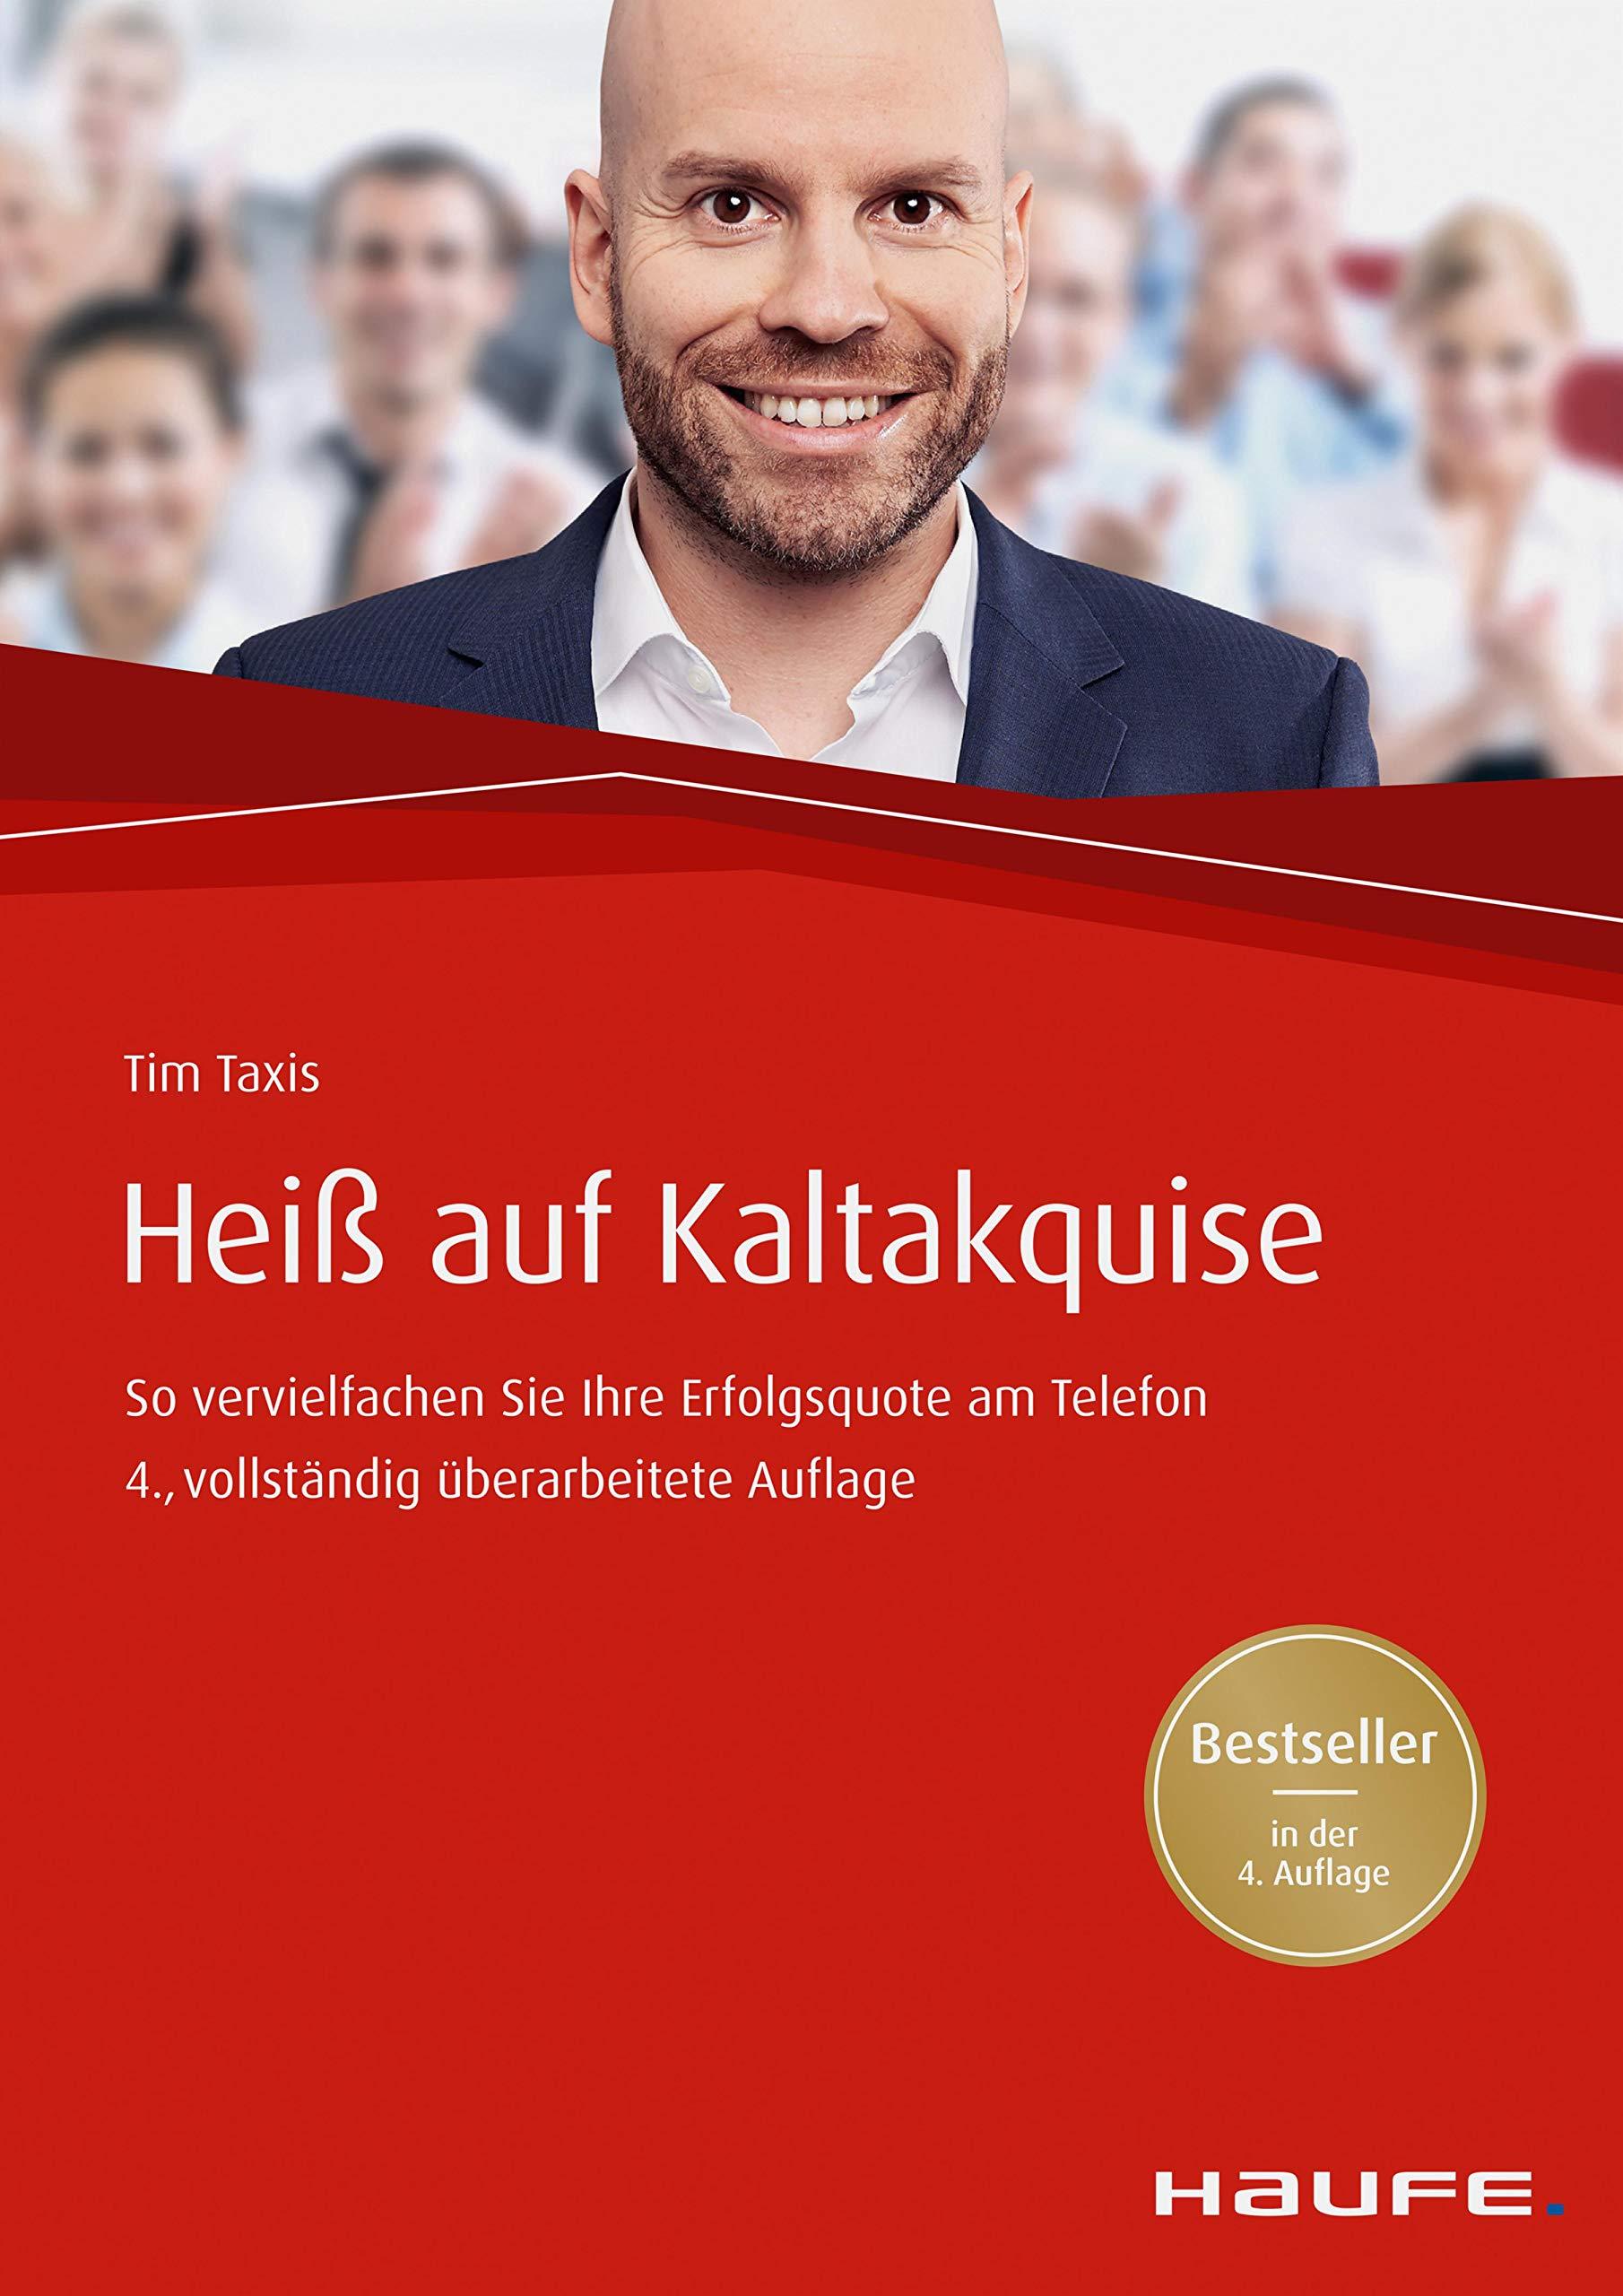 Heiß Auf Kaltakquise  So Vervielfachen Sie Ihre Erfolgsquote Am Telefon  Haufe Fachbuch 454